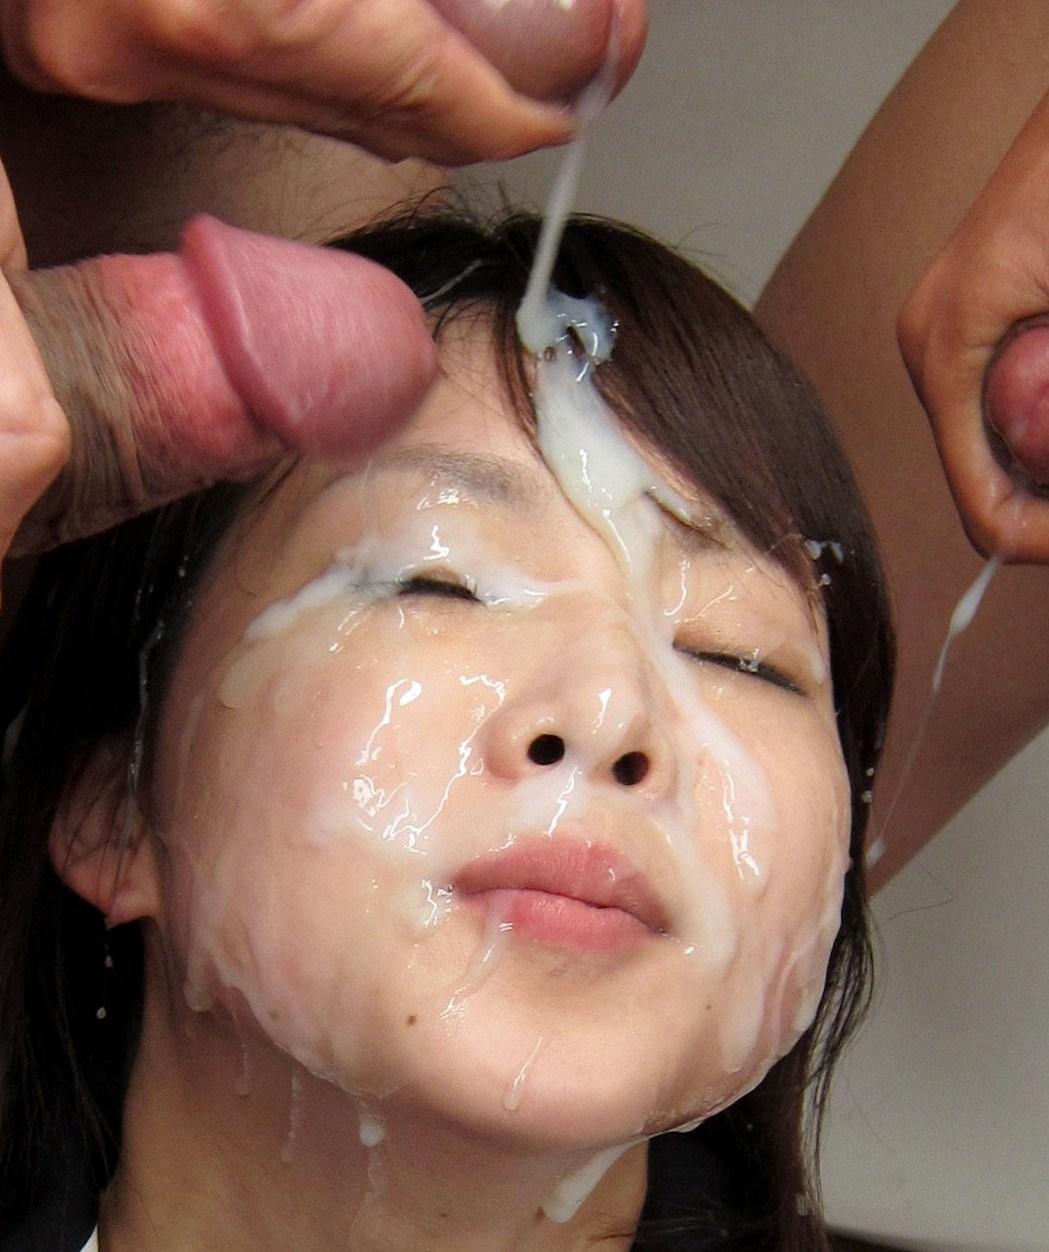 Лицо и рот японки заливают спермой